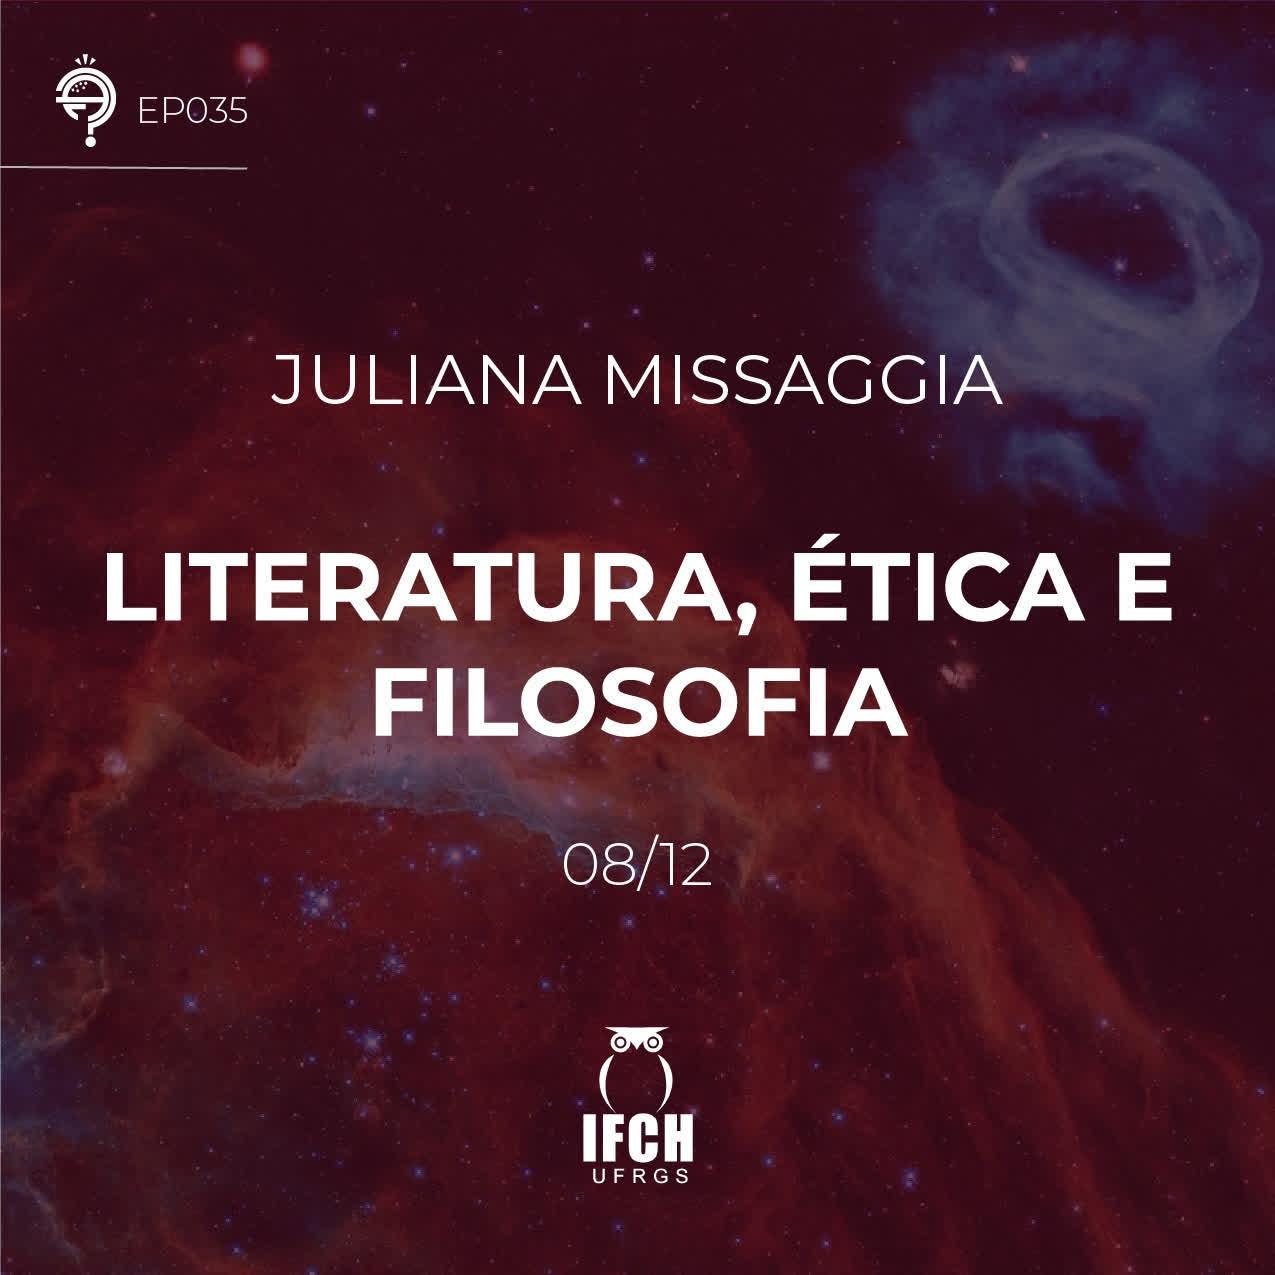 Ep. 035: Literatura, Ética e Filosofia